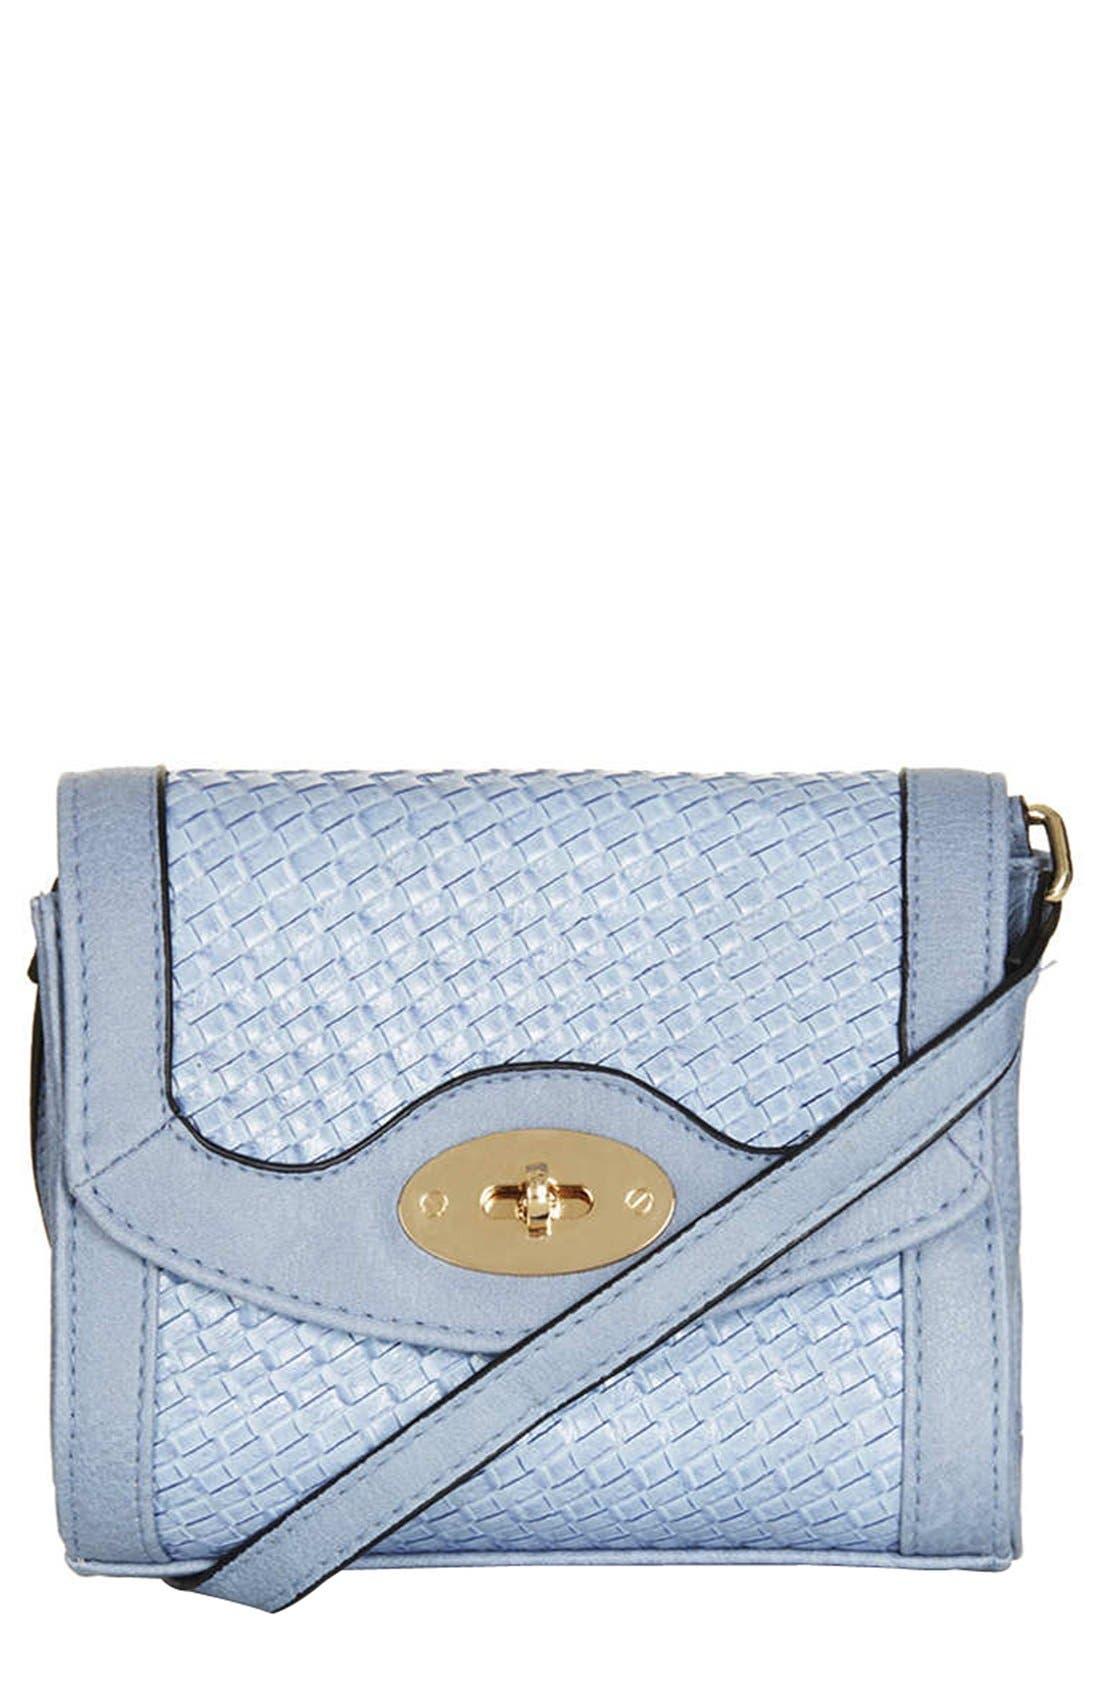 Main Image - Topshop Embossed Mini Crossbody Bag